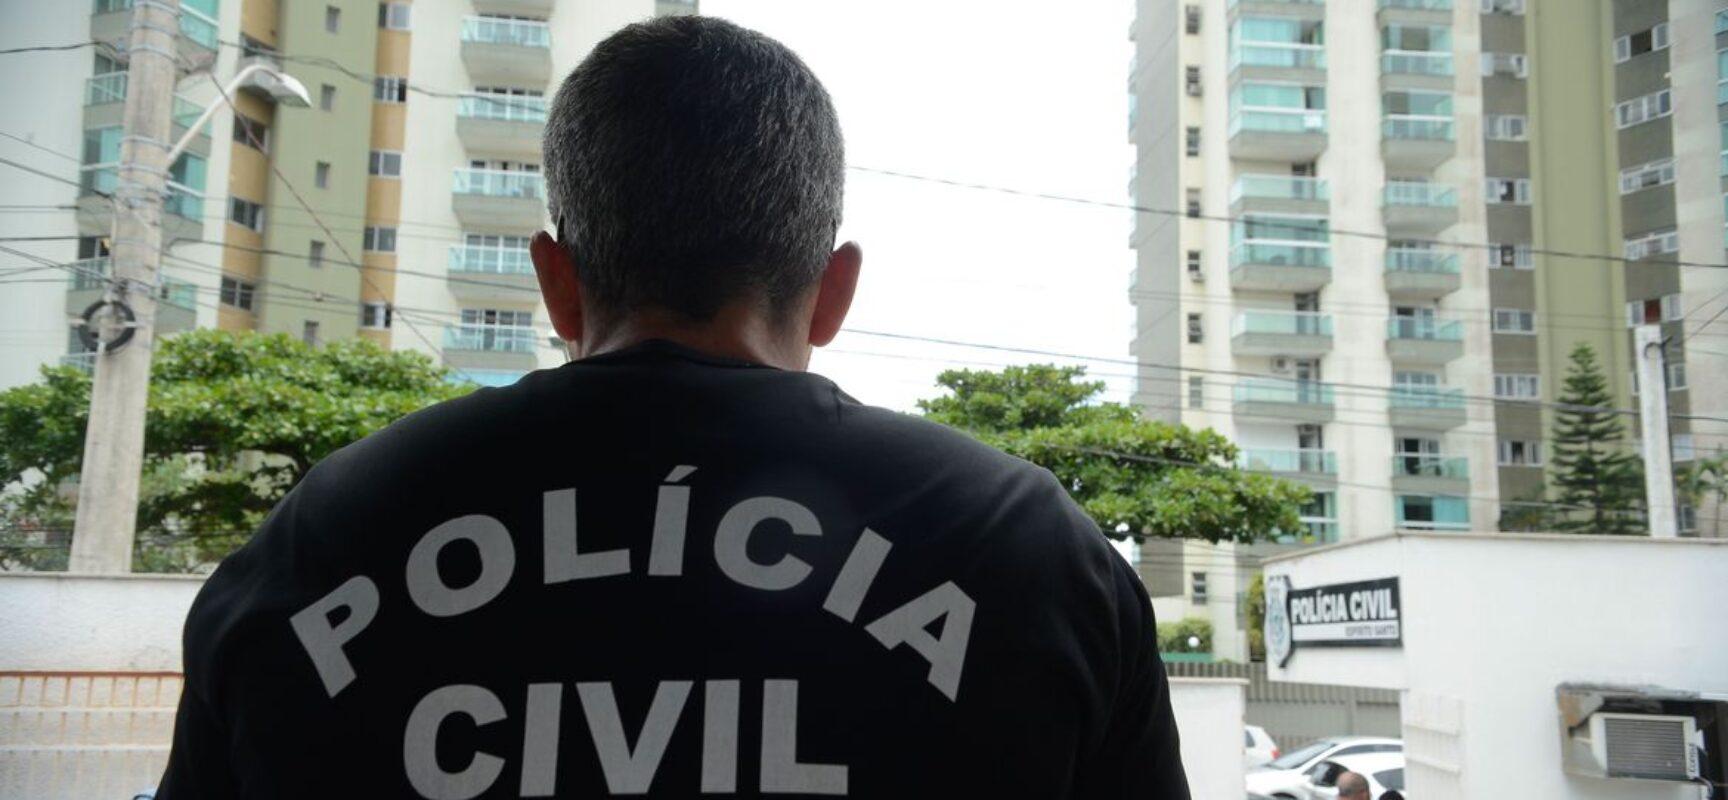 Defensoria Pública questiona operação no Jacarezinho e vai ao STF